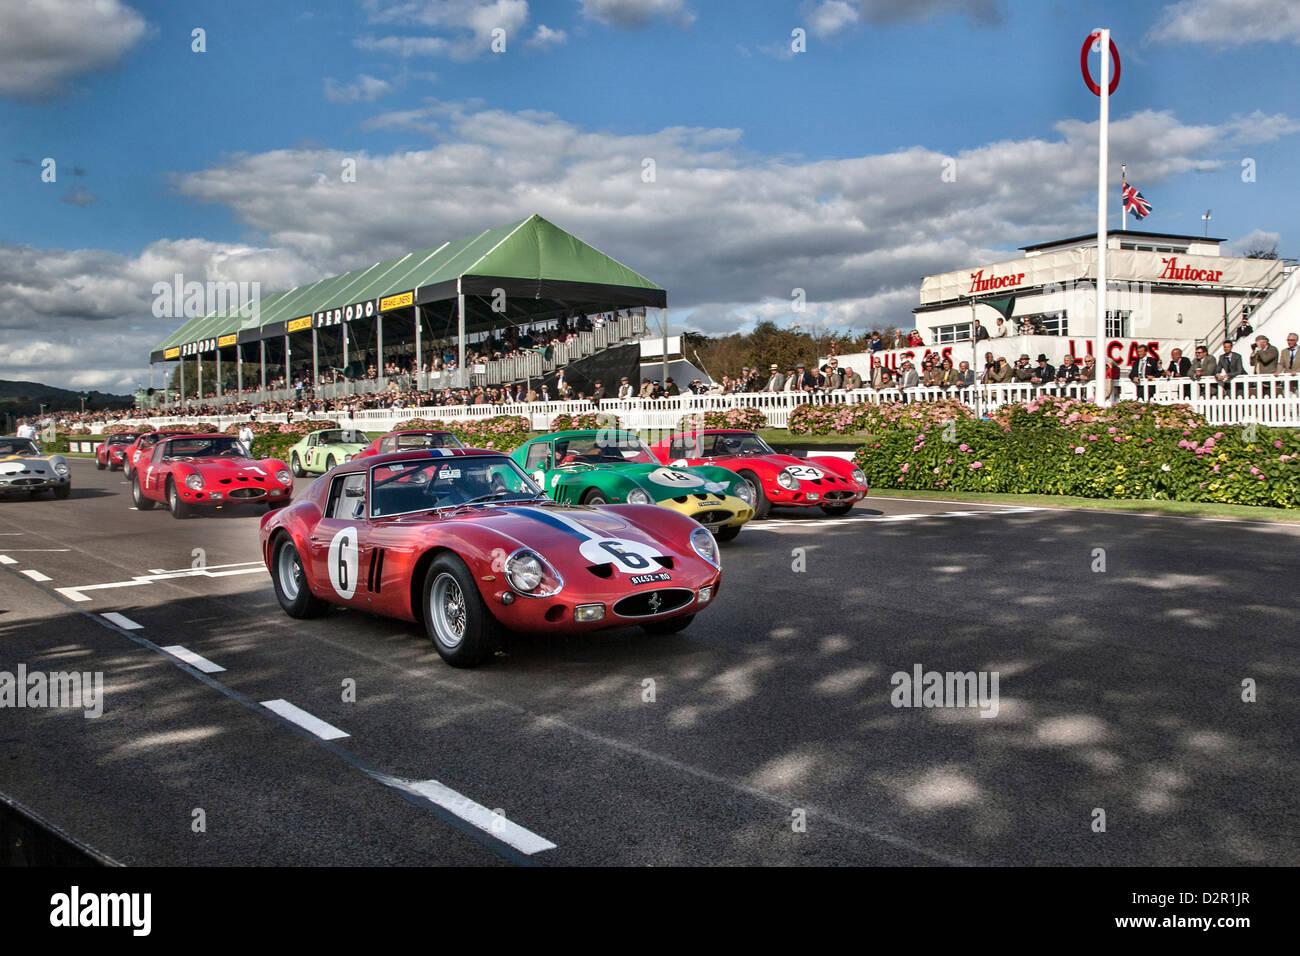 Goodwood Revival Start des Rennens Ferarri 250 GTO Stockbild